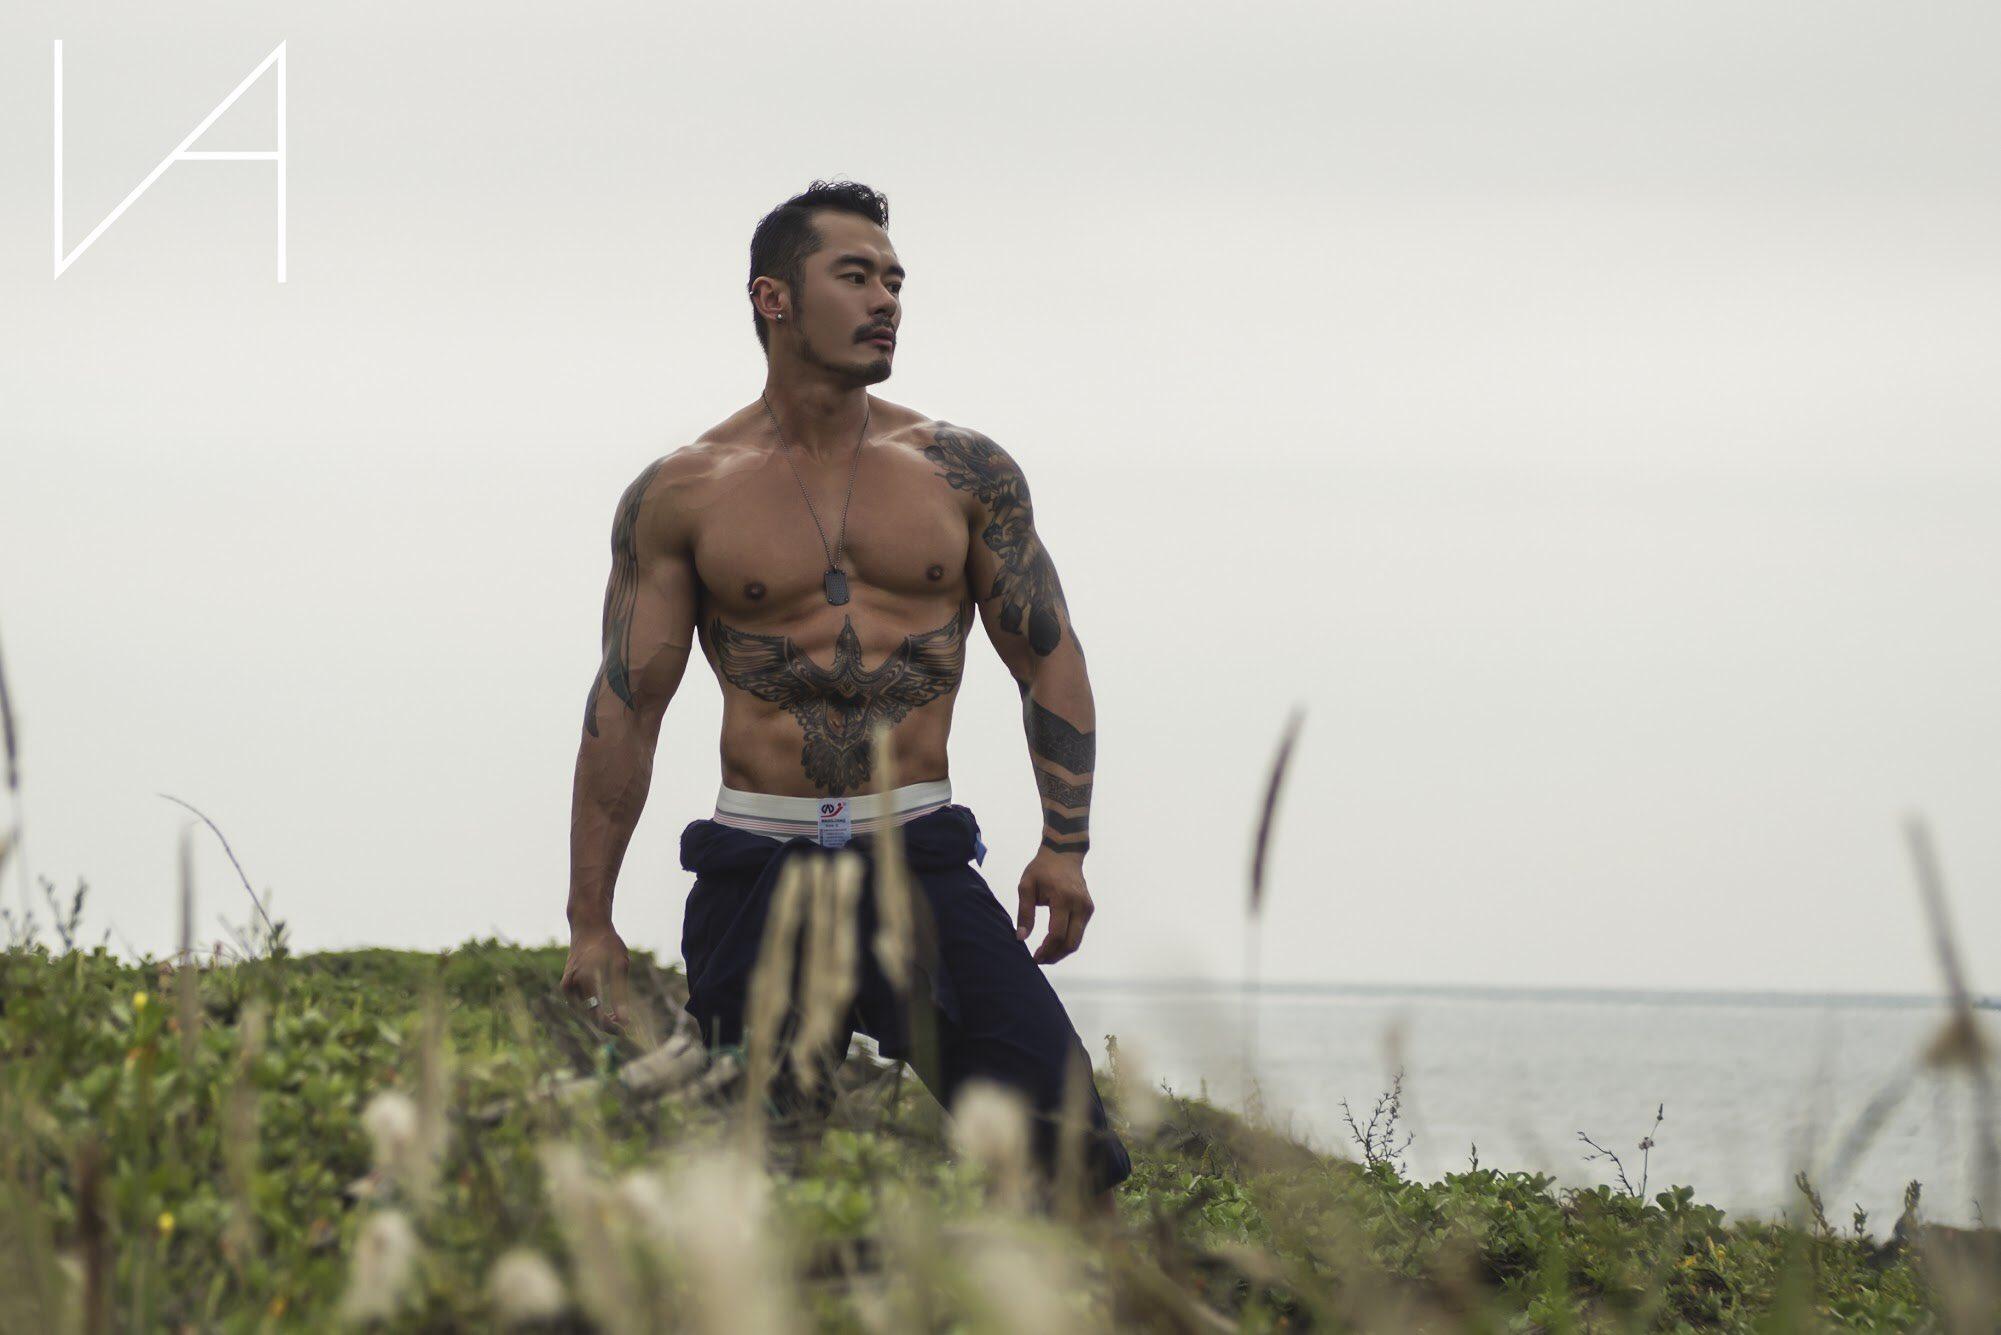 EXdvOtmUwAE9kpI - Titan 男模 失落沙洲 摄影 好帅好阳刚好喜欢!